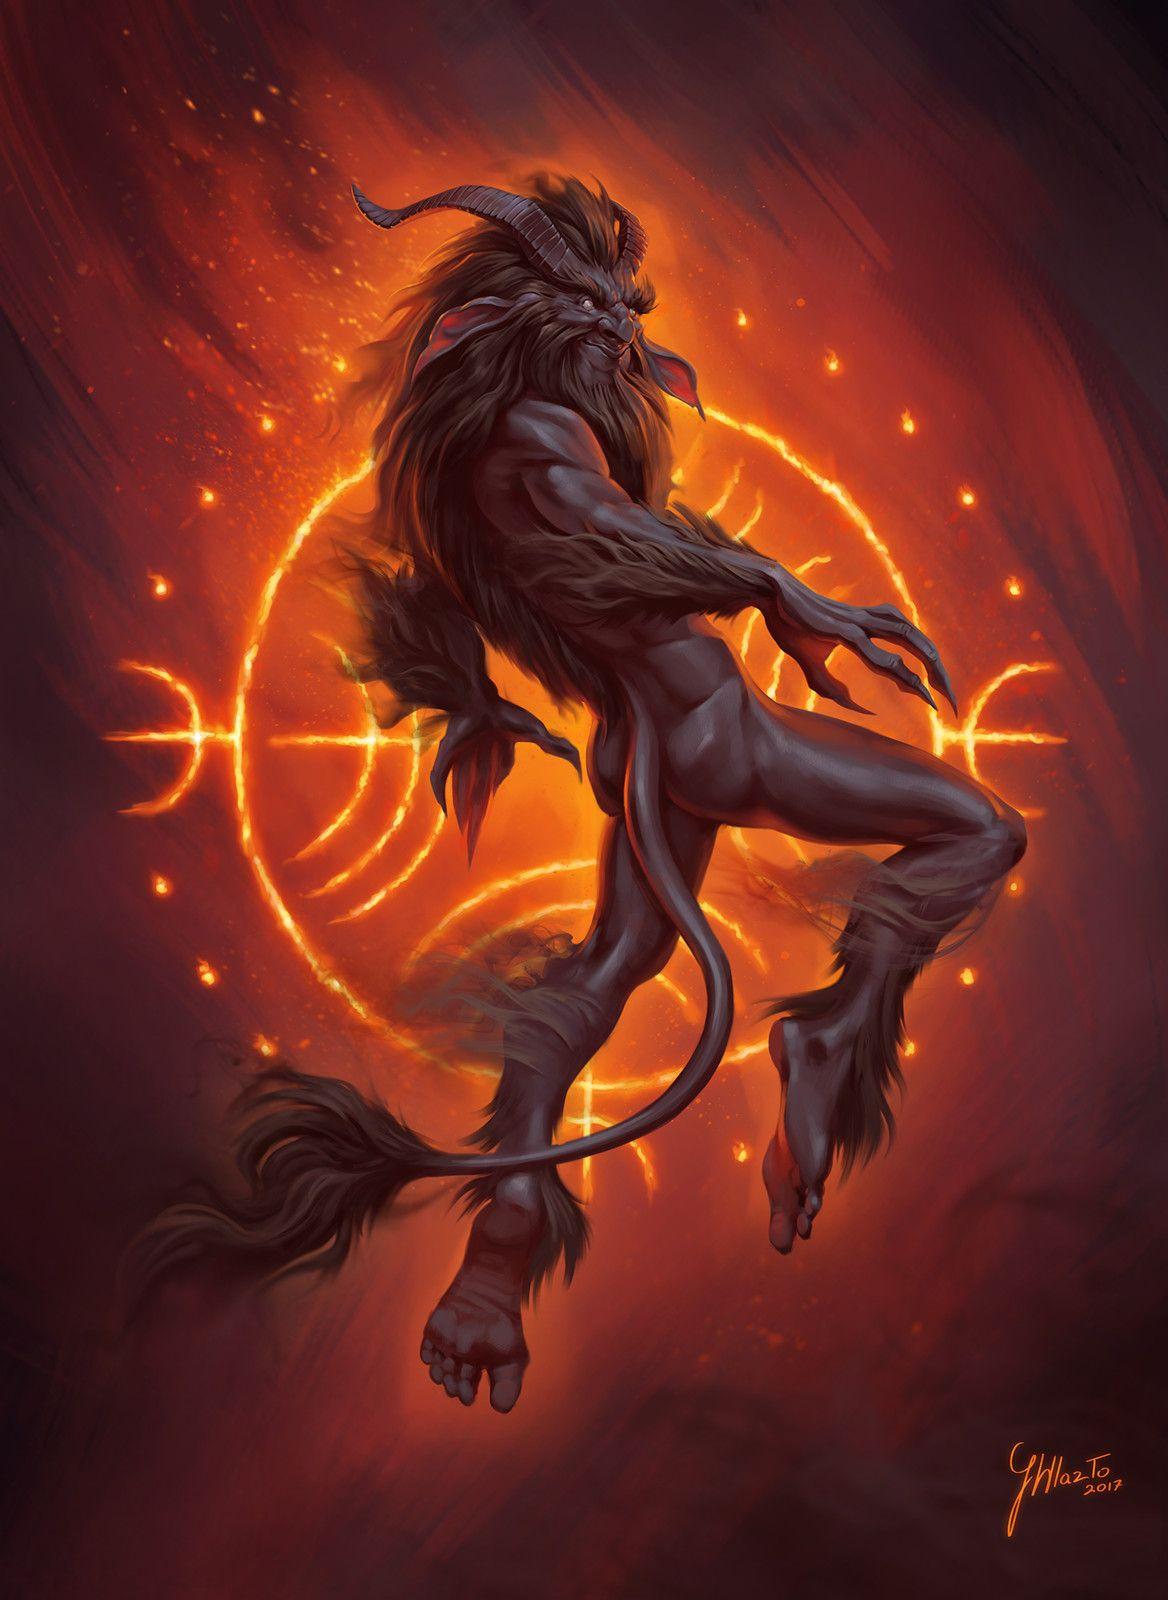 Ördög - Usually resembling a satyr-like creature with a ...  Ördög - Usual...